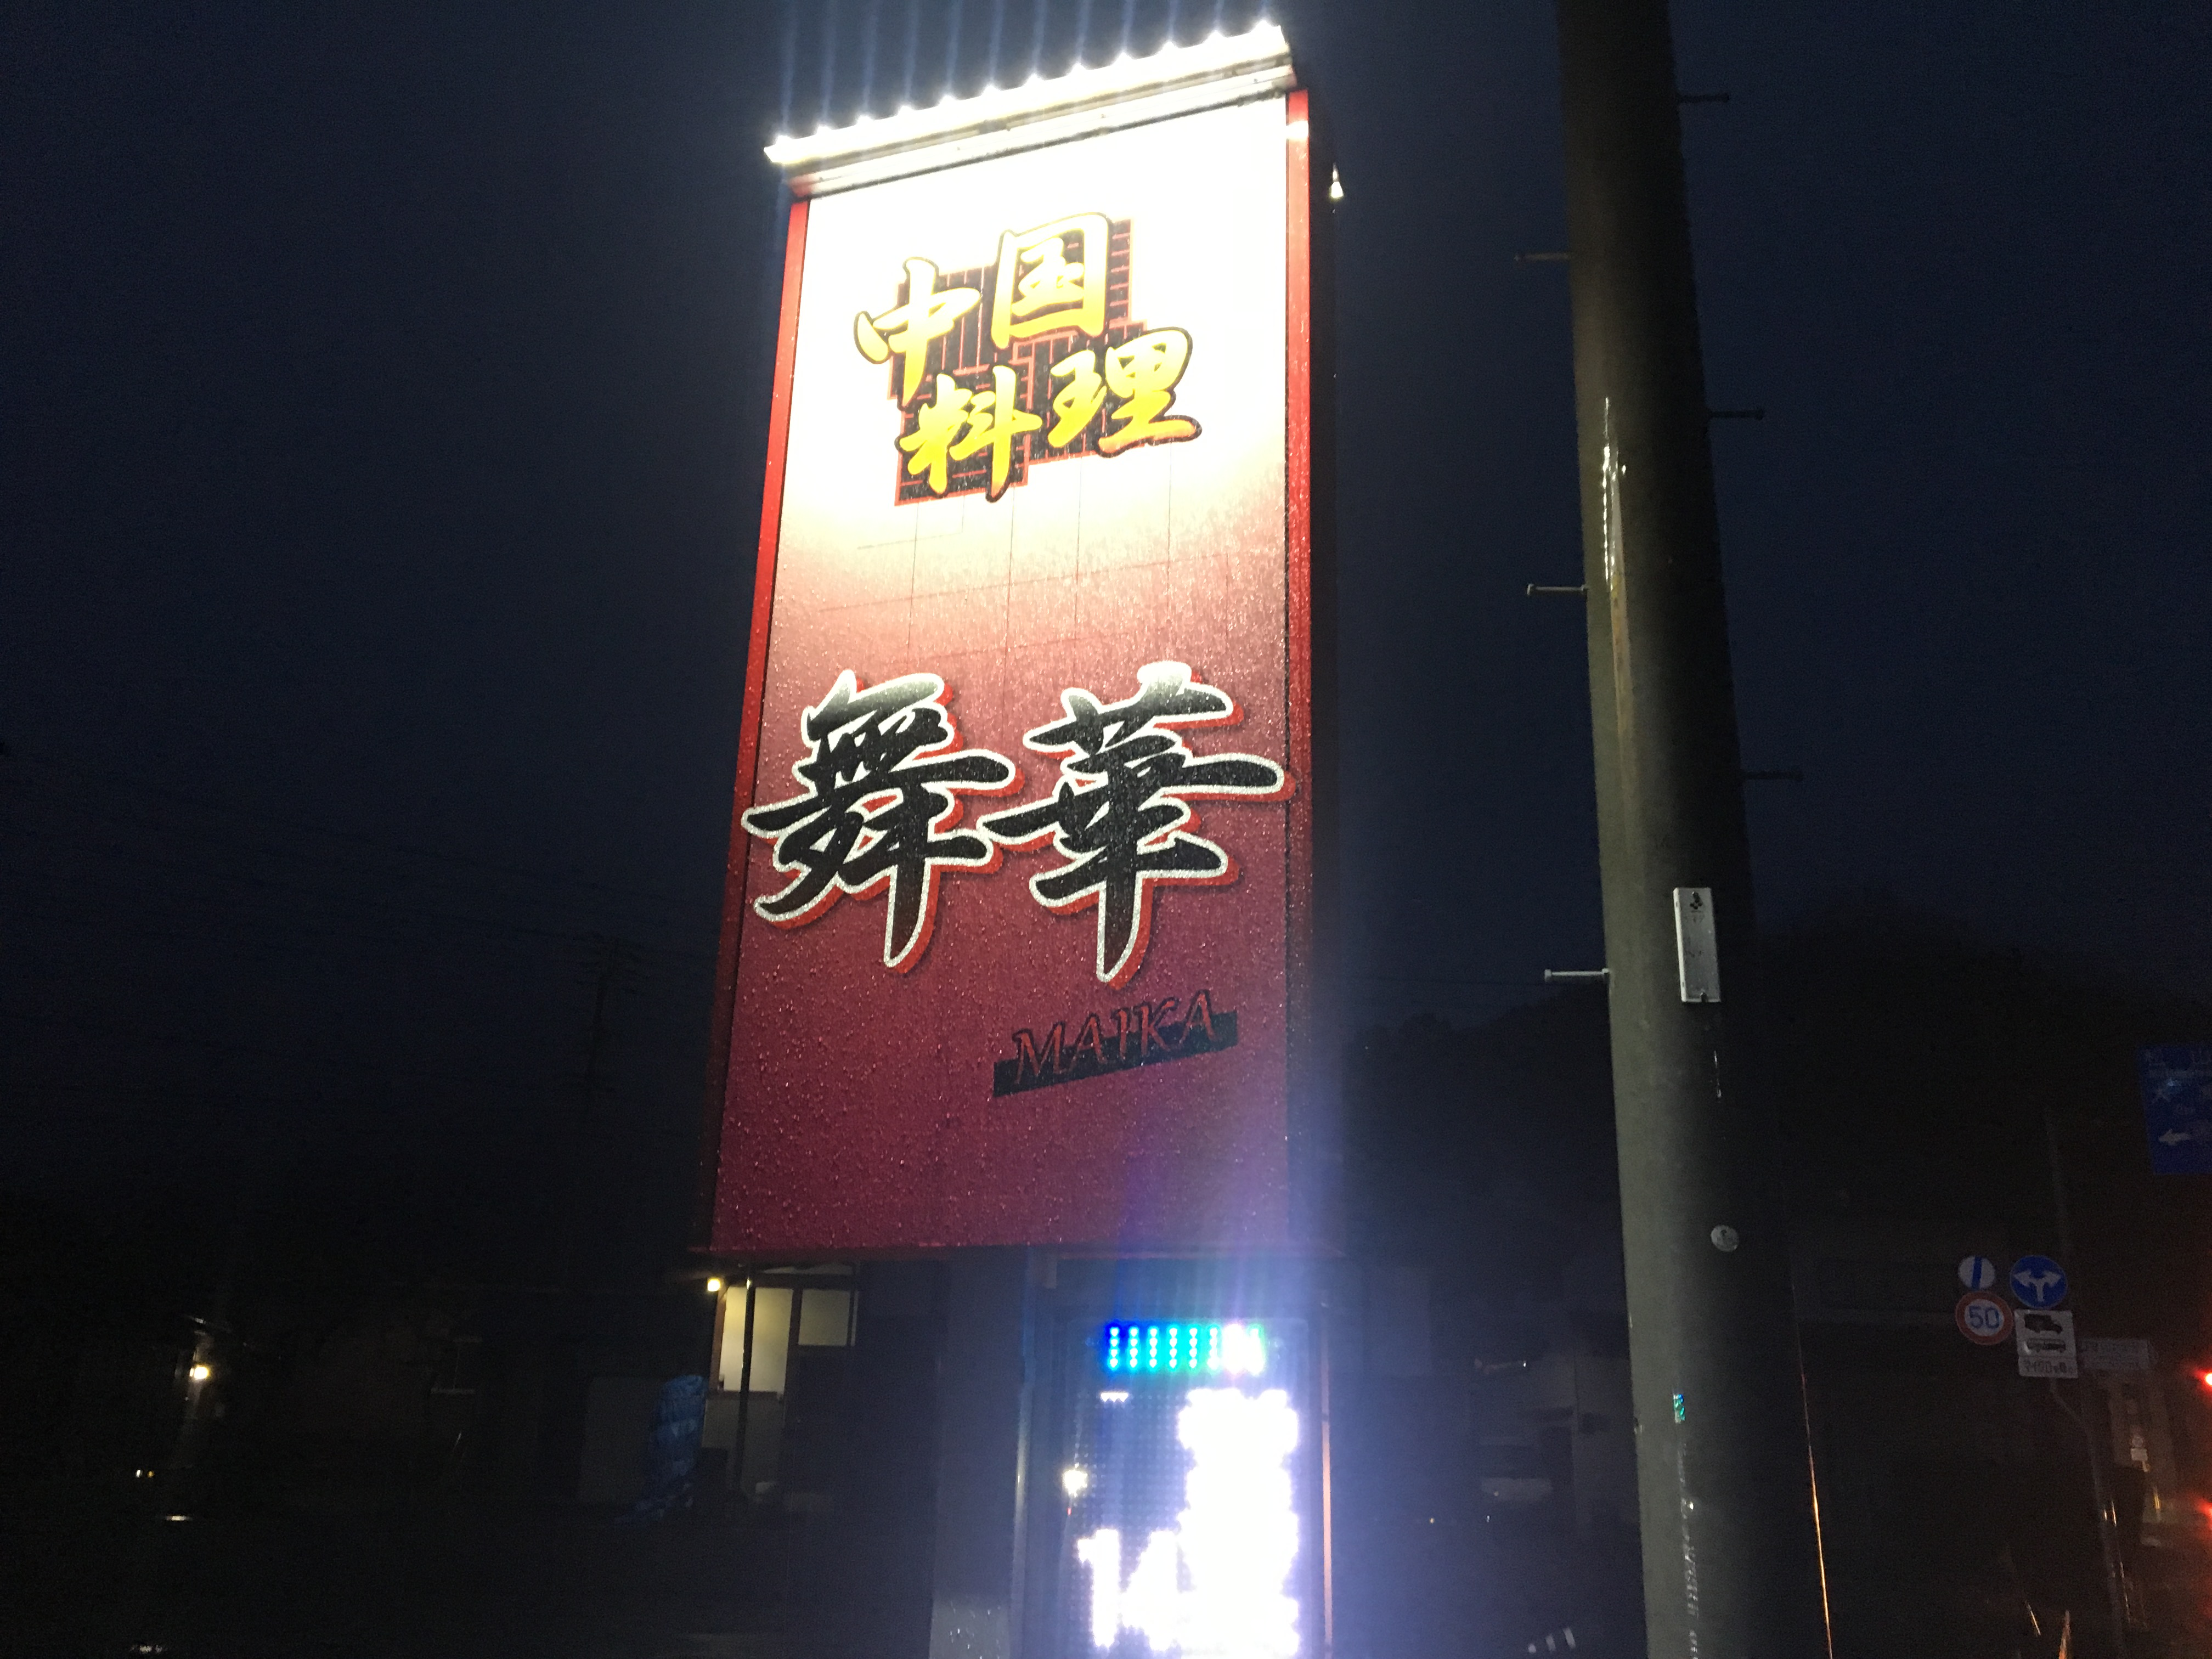 卯之町駅から車で5分!西予市宇和町の中華といえばここ!「舞華」で「水餃子」他を食べてきました!